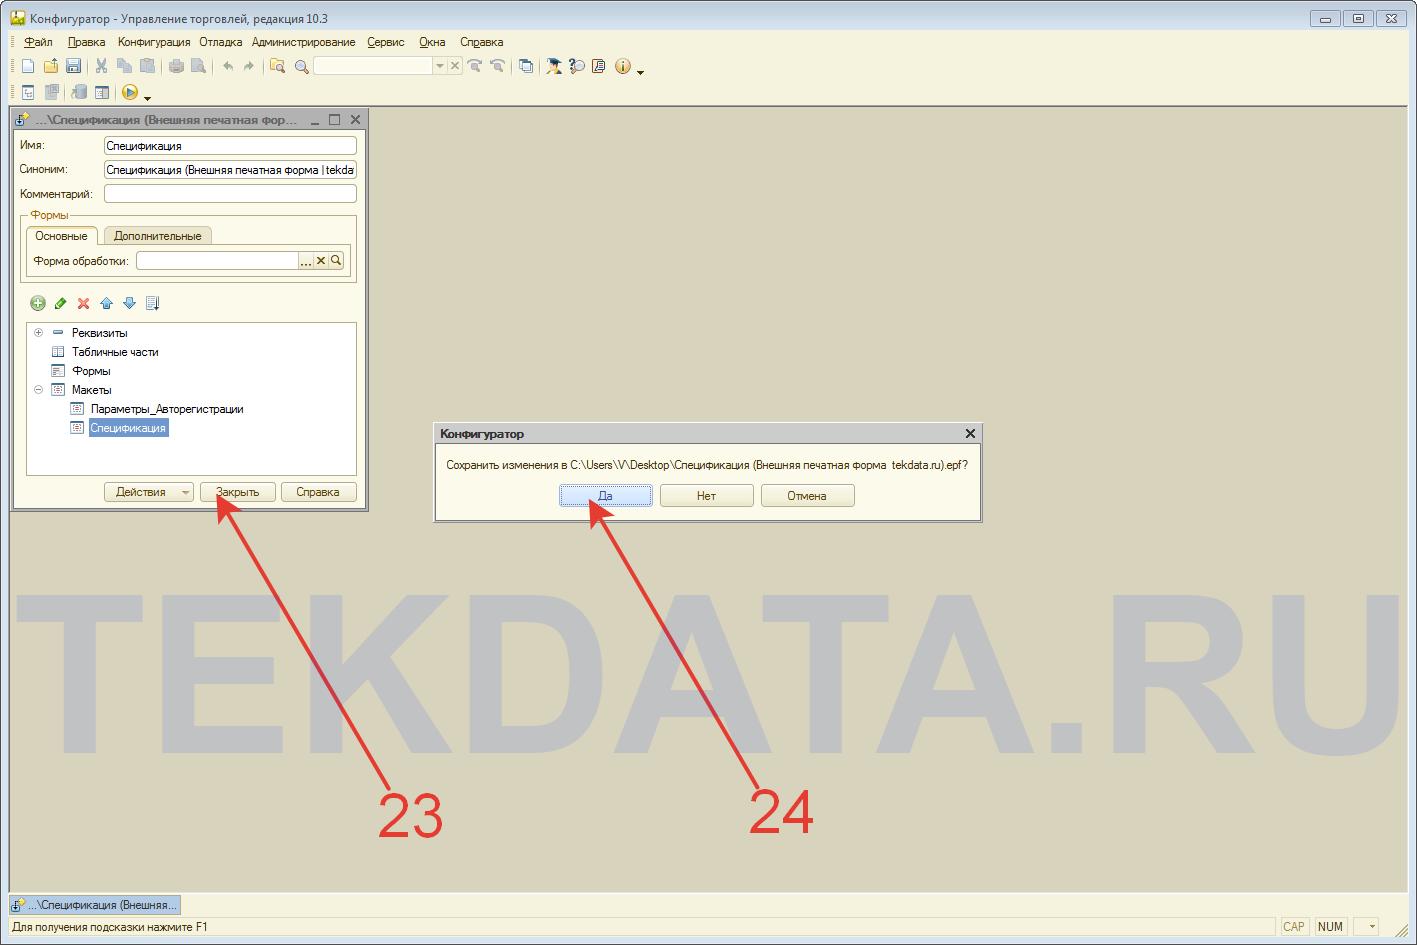 Инструкция по изменению текста во внешней печатной форме 1С 8.2   tekdata.ru